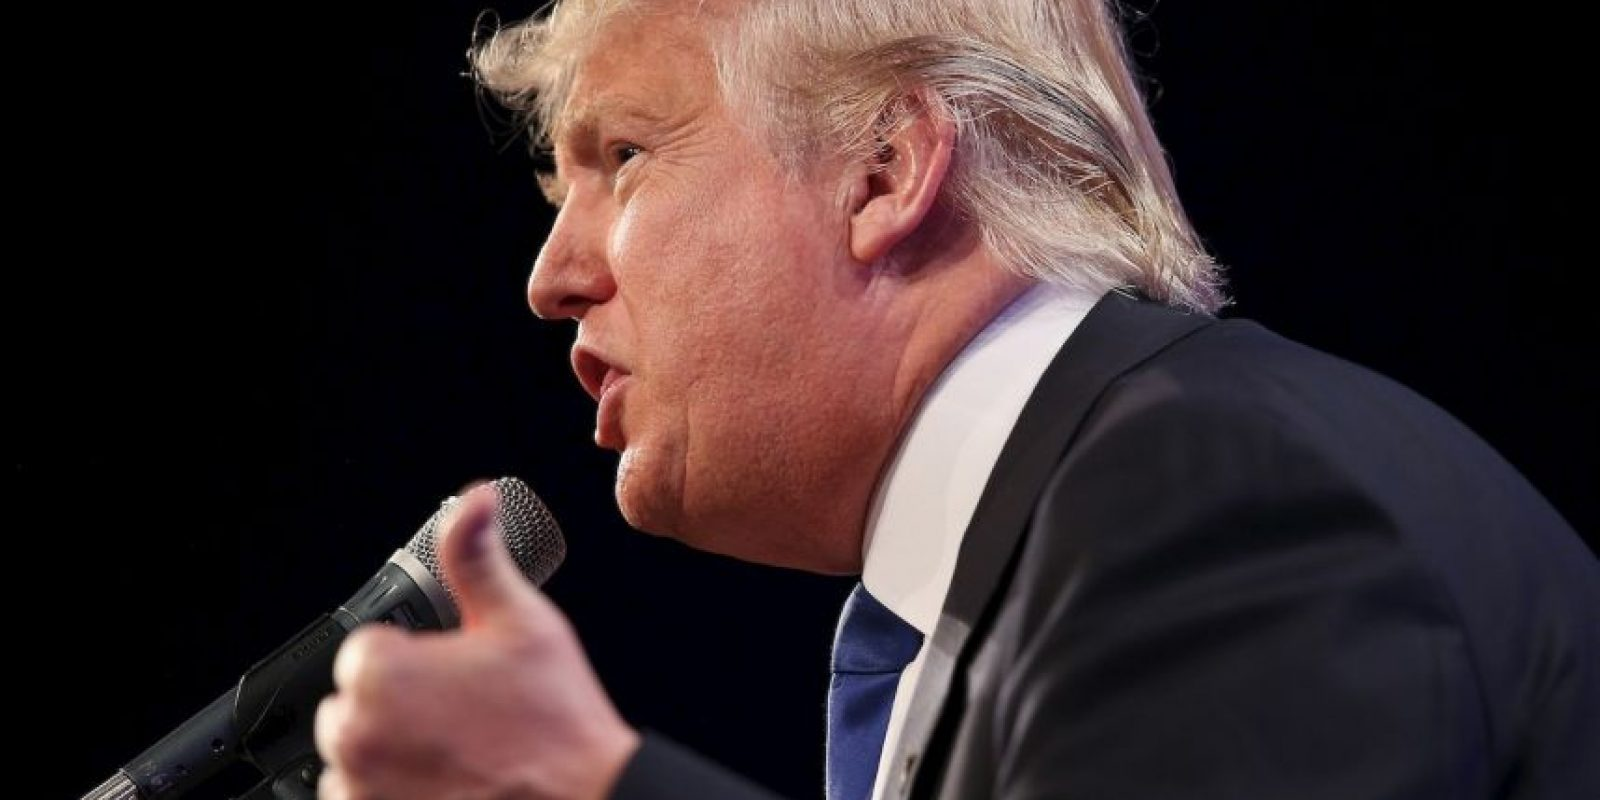 """""""No podemos permitir que los inmigrante ilegales inunden nuestro país. Apenas podemos mantener a los nuestros para permitir que millones de personas de muchas nacionalidades entren a nuestro país de forma ilegal, a lo largo de una frontera sin protección y quiten trabajos necesarios a los estadounidenses"""", expresó en su conferencia con los medios. Foto:Getty Images"""